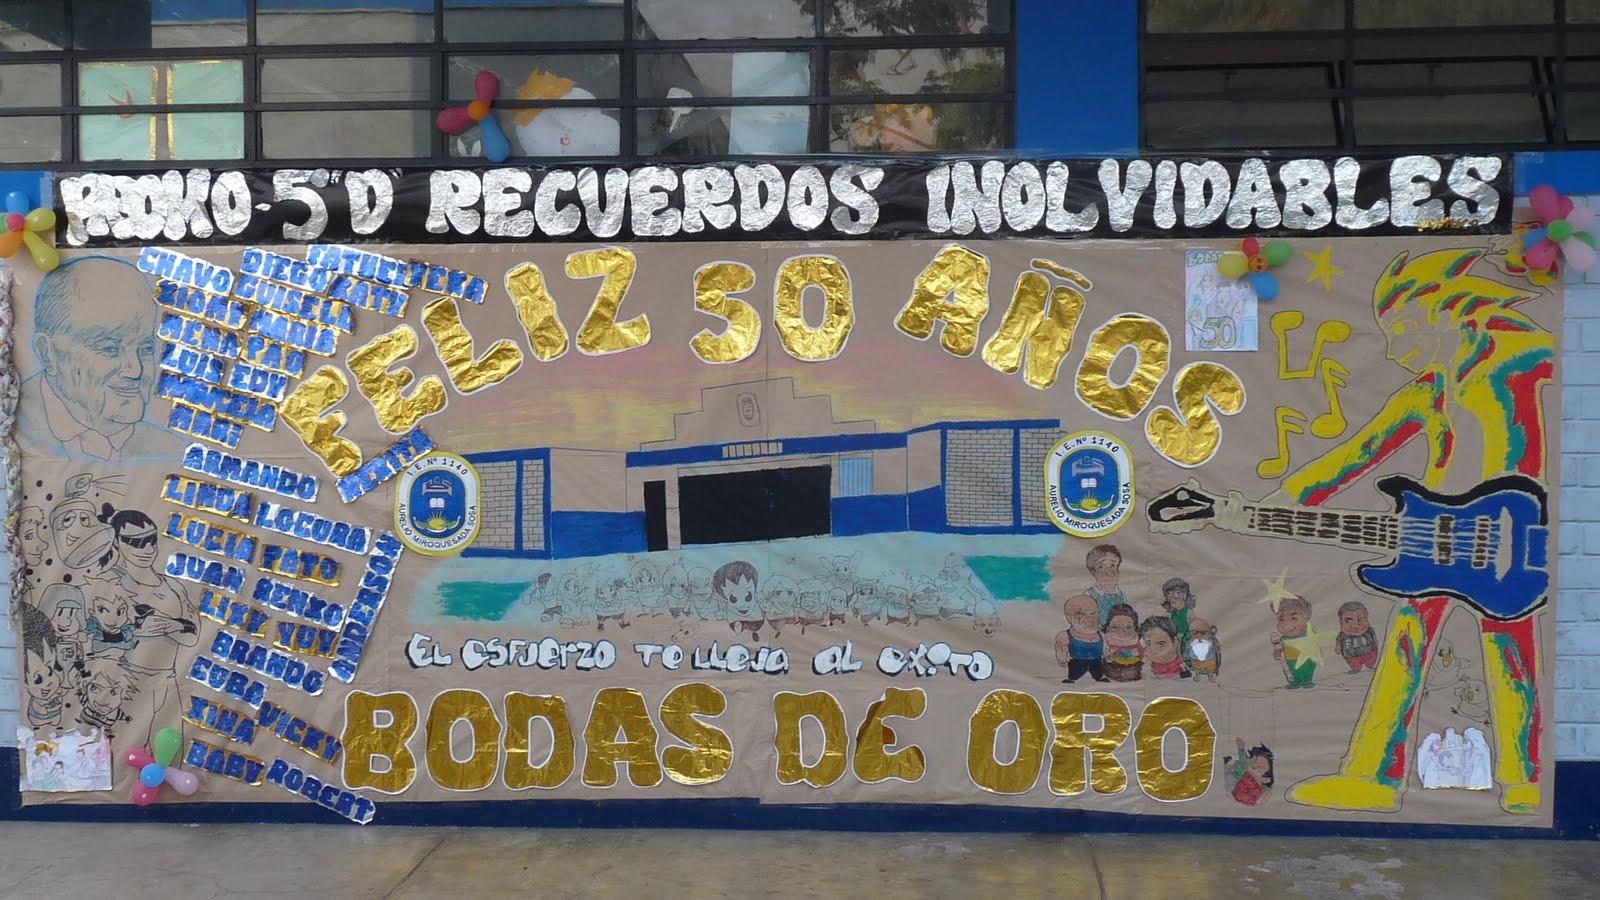 Periodico mural dedicado al colegio periodico mural por for El periodico mural wikipedia